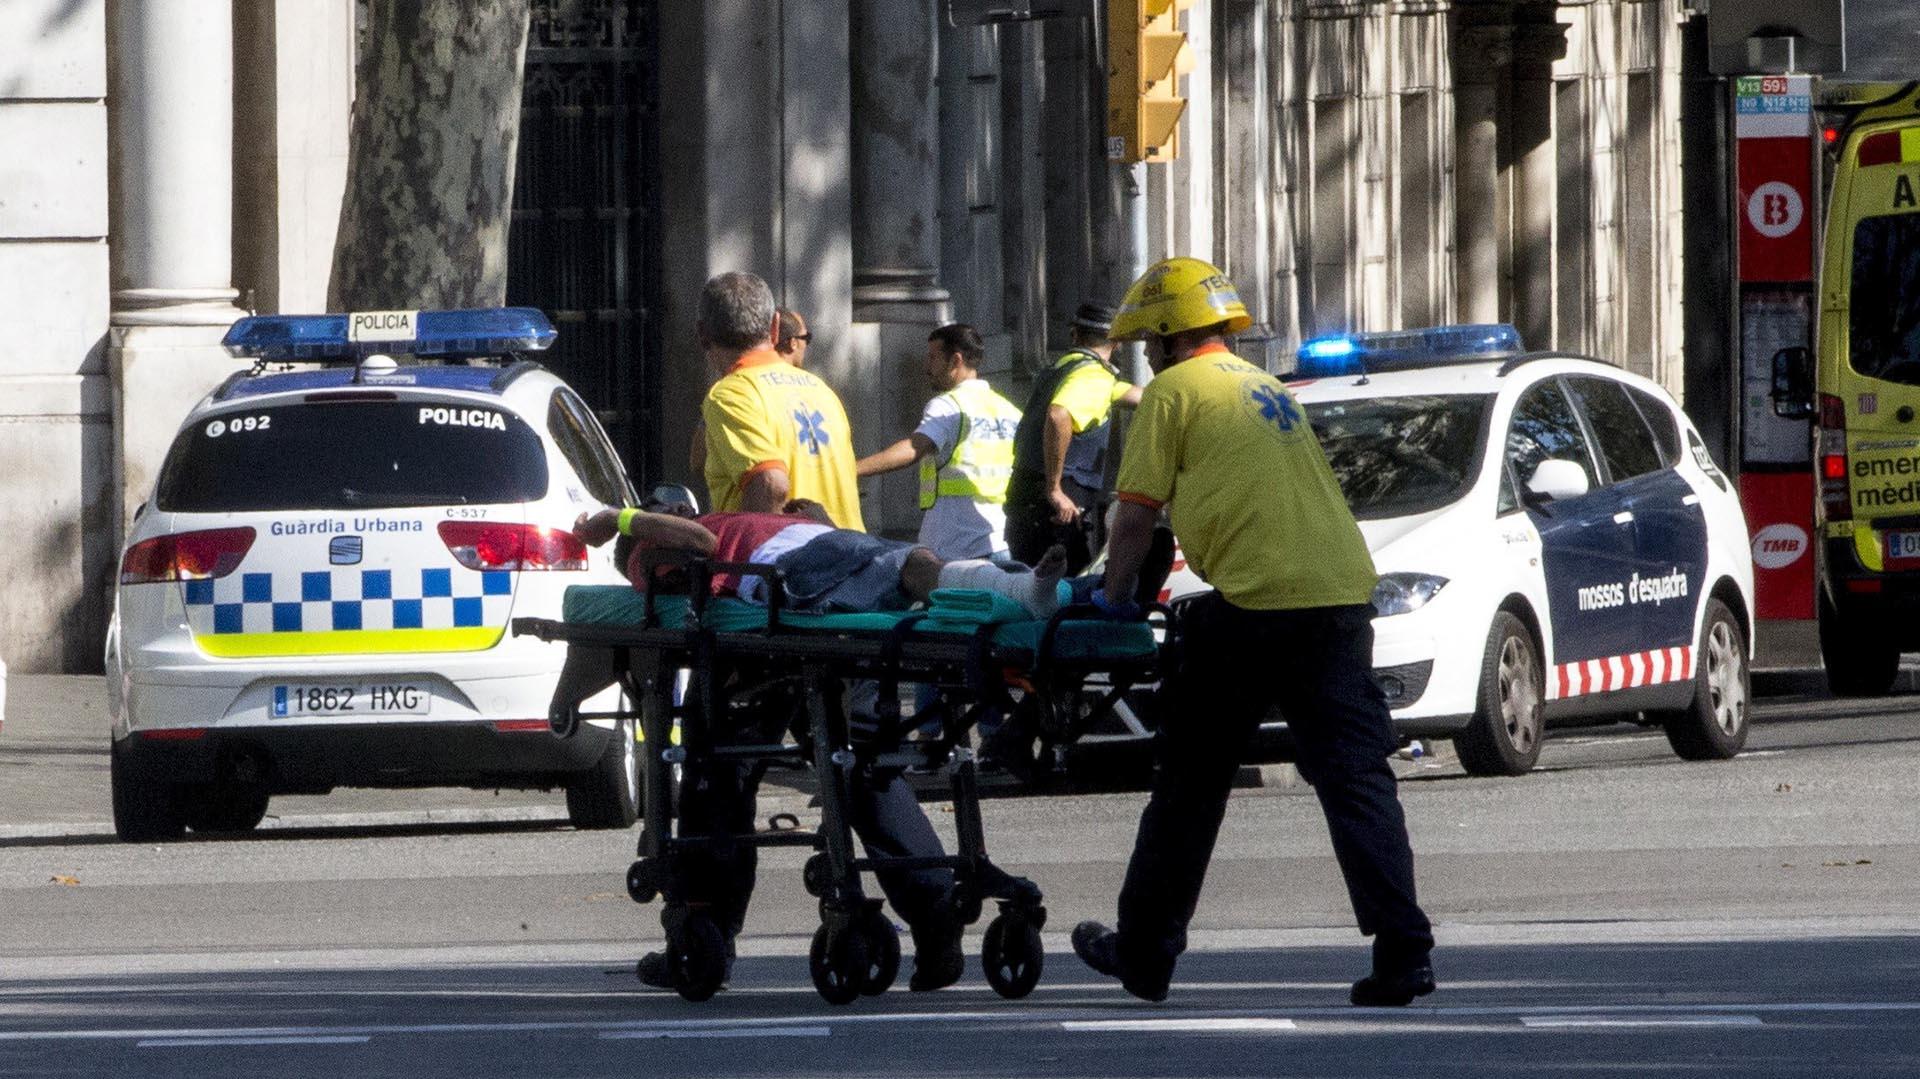 Los equipos de emergencias se llevan a una persona herida (EFE)